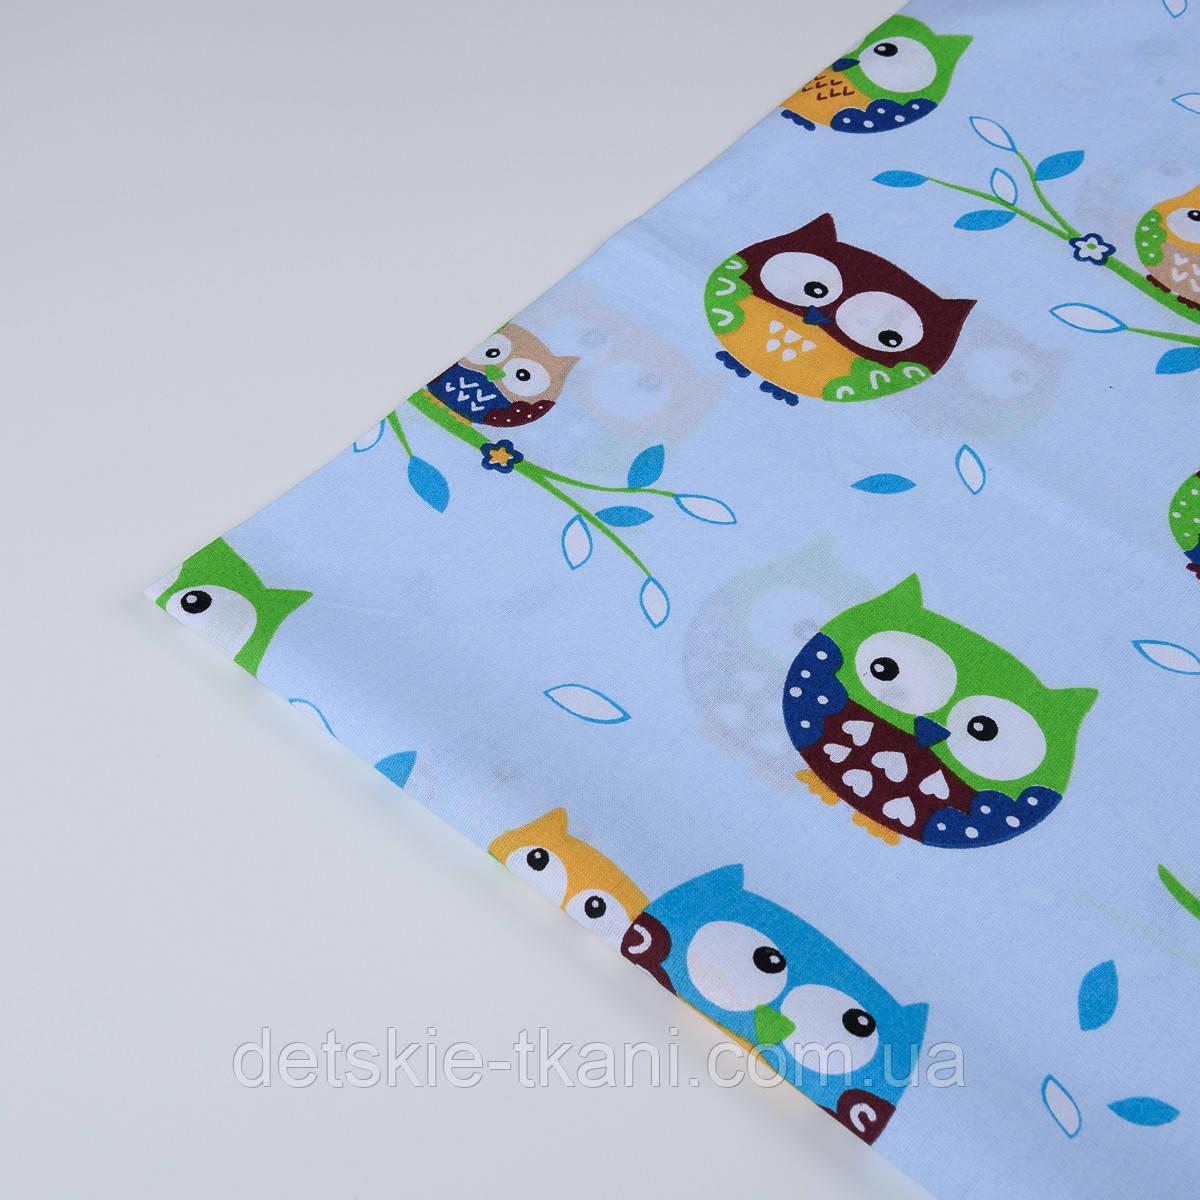 Лоскут ткани №132 с изображением цветных сов на голубом фоне, размер 45*80 см